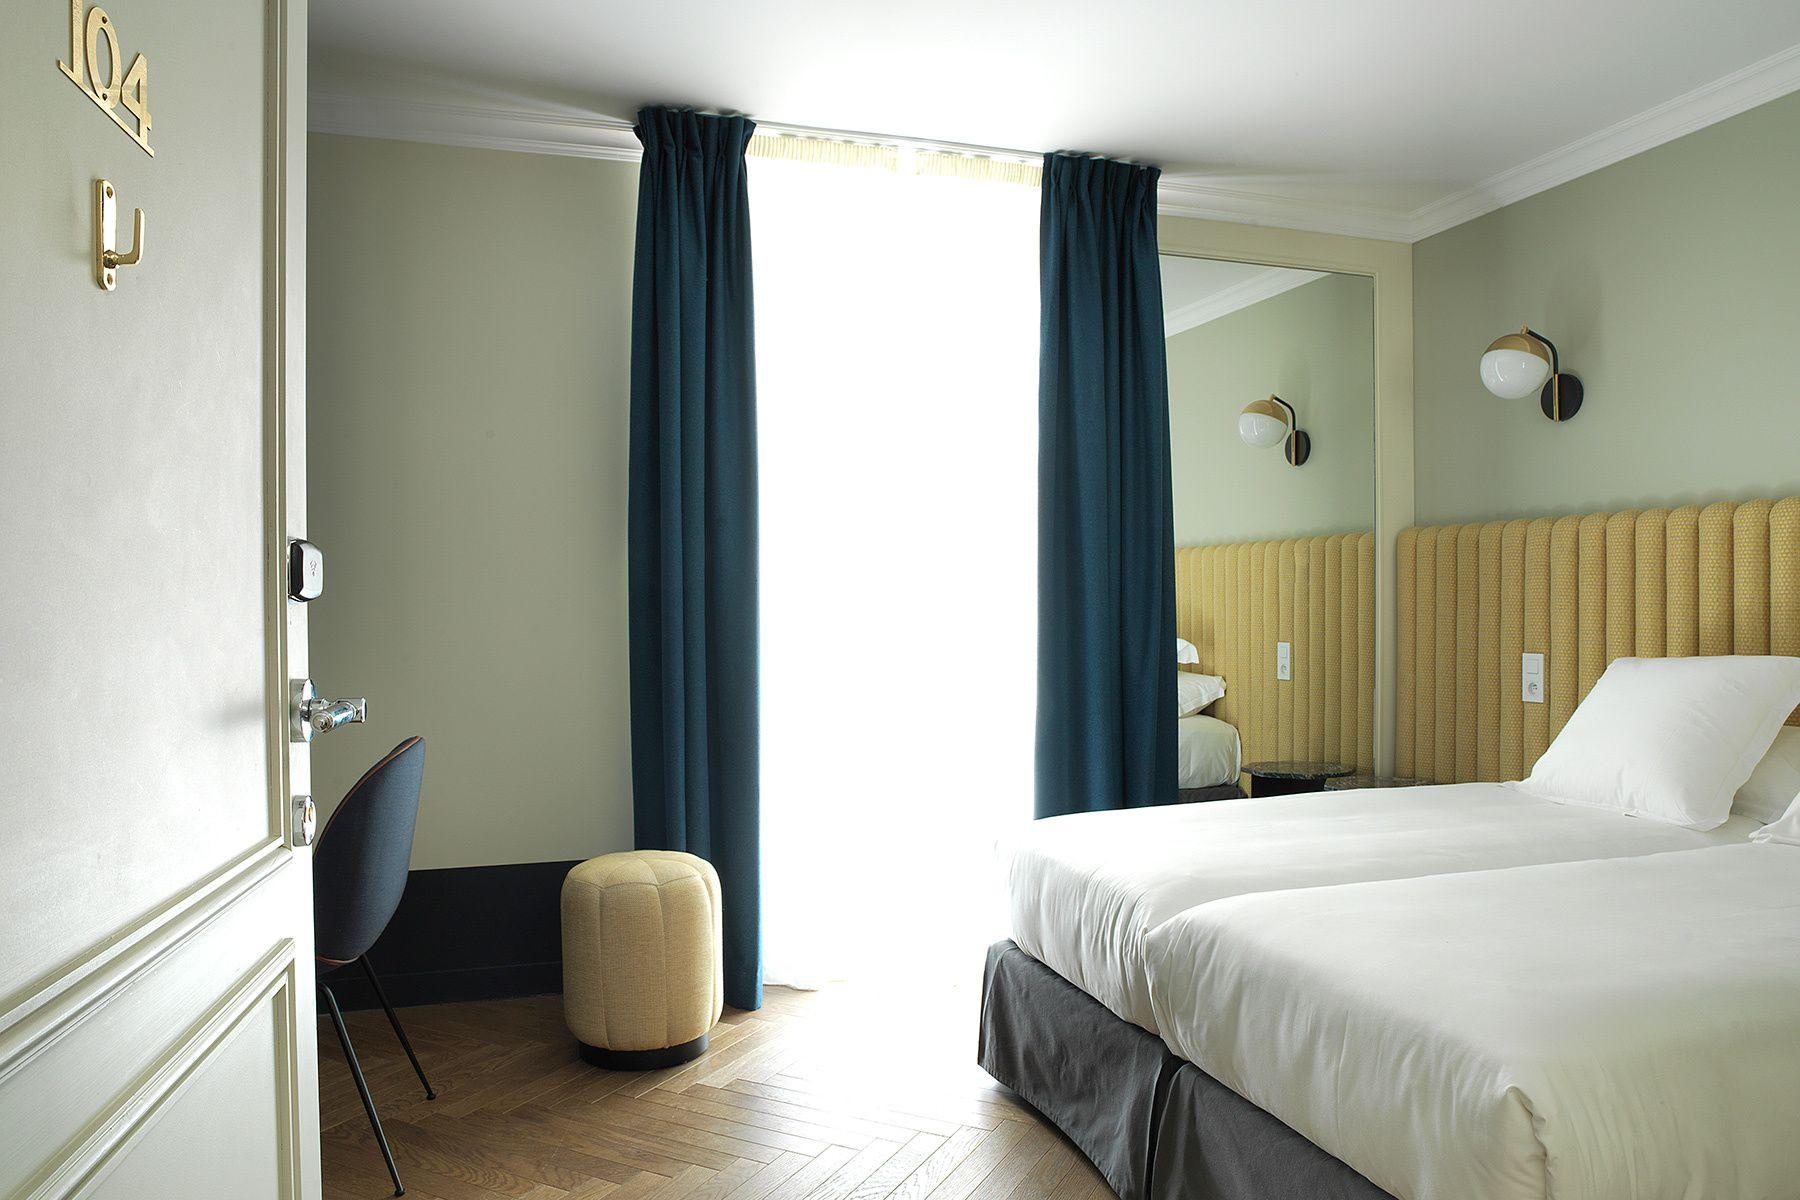 hotel bachaumont en el coraza n de para s ad espaa a a c paul bowyer